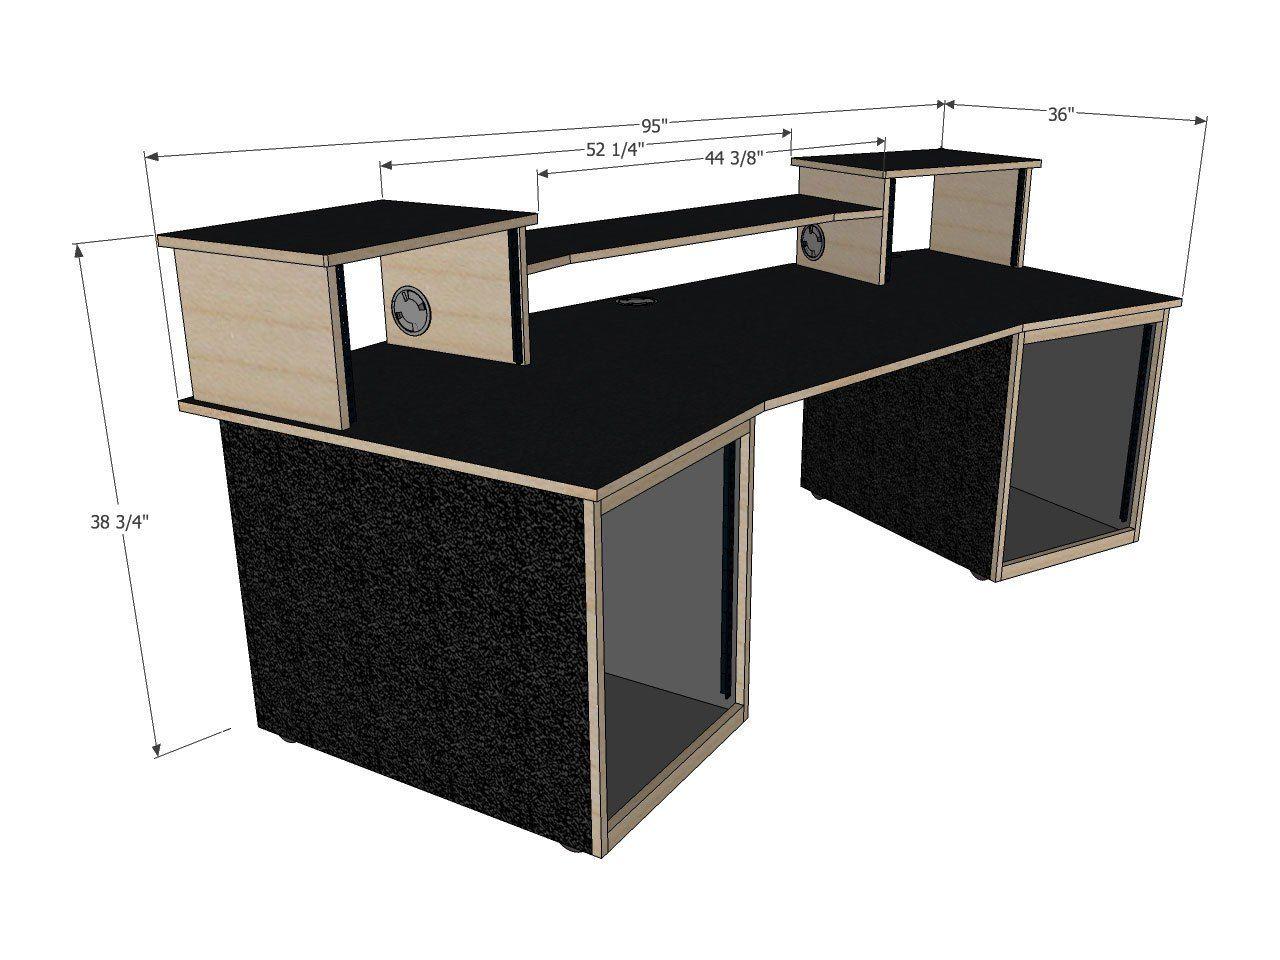 scs digistation recording studio desks in 2019 podcasting studio recording studio desk. Black Bedroom Furniture Sets. Home Design Ideas